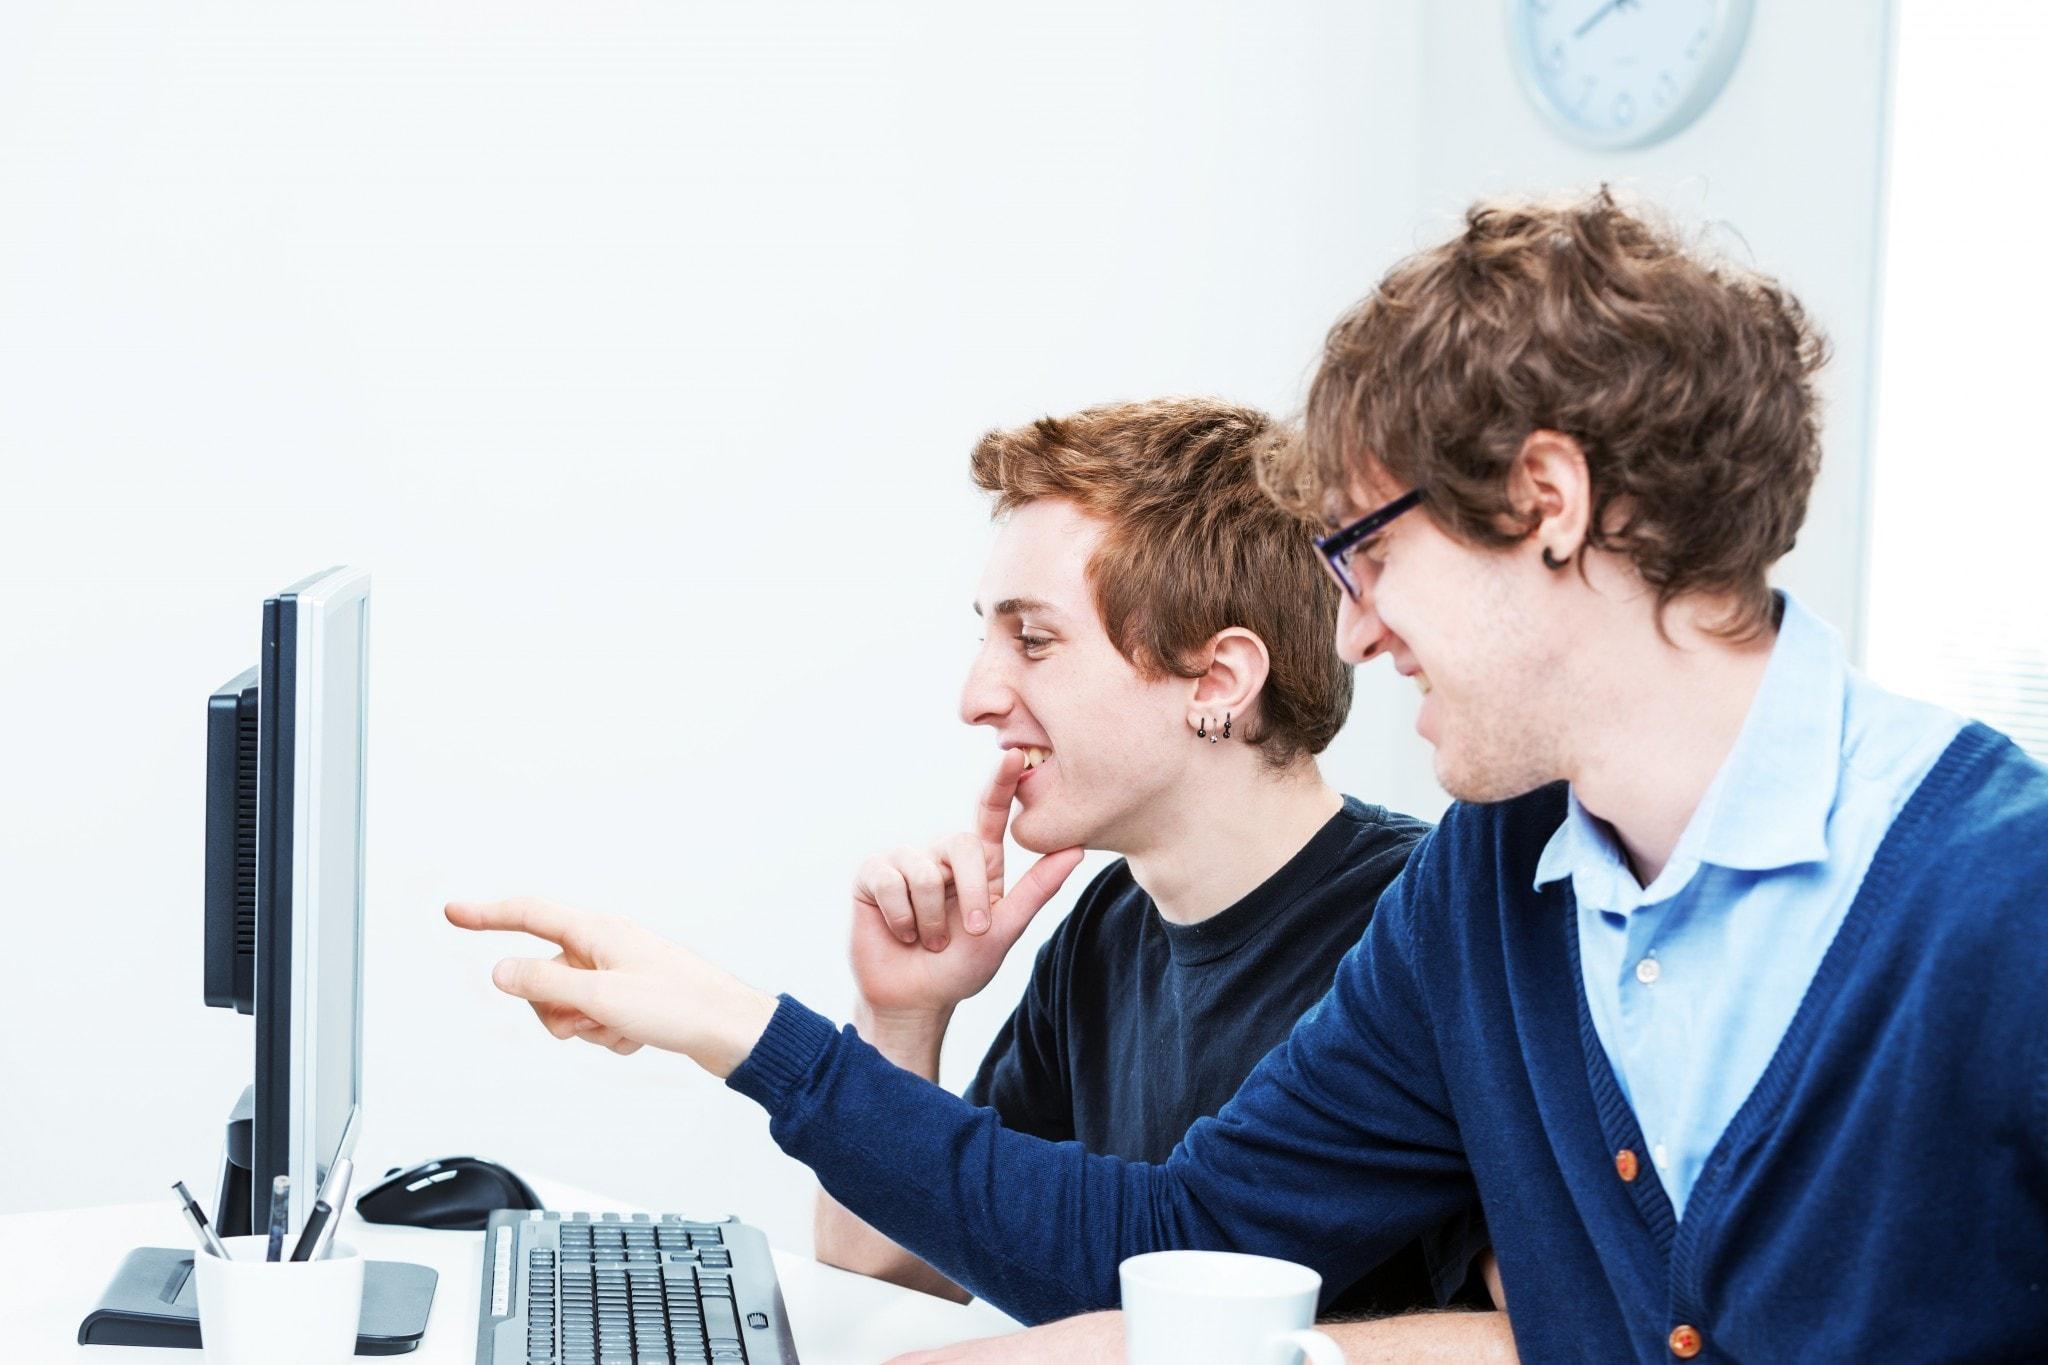 Zwei Männer vor Bildschirm mit SOLIDWORKS im Büro